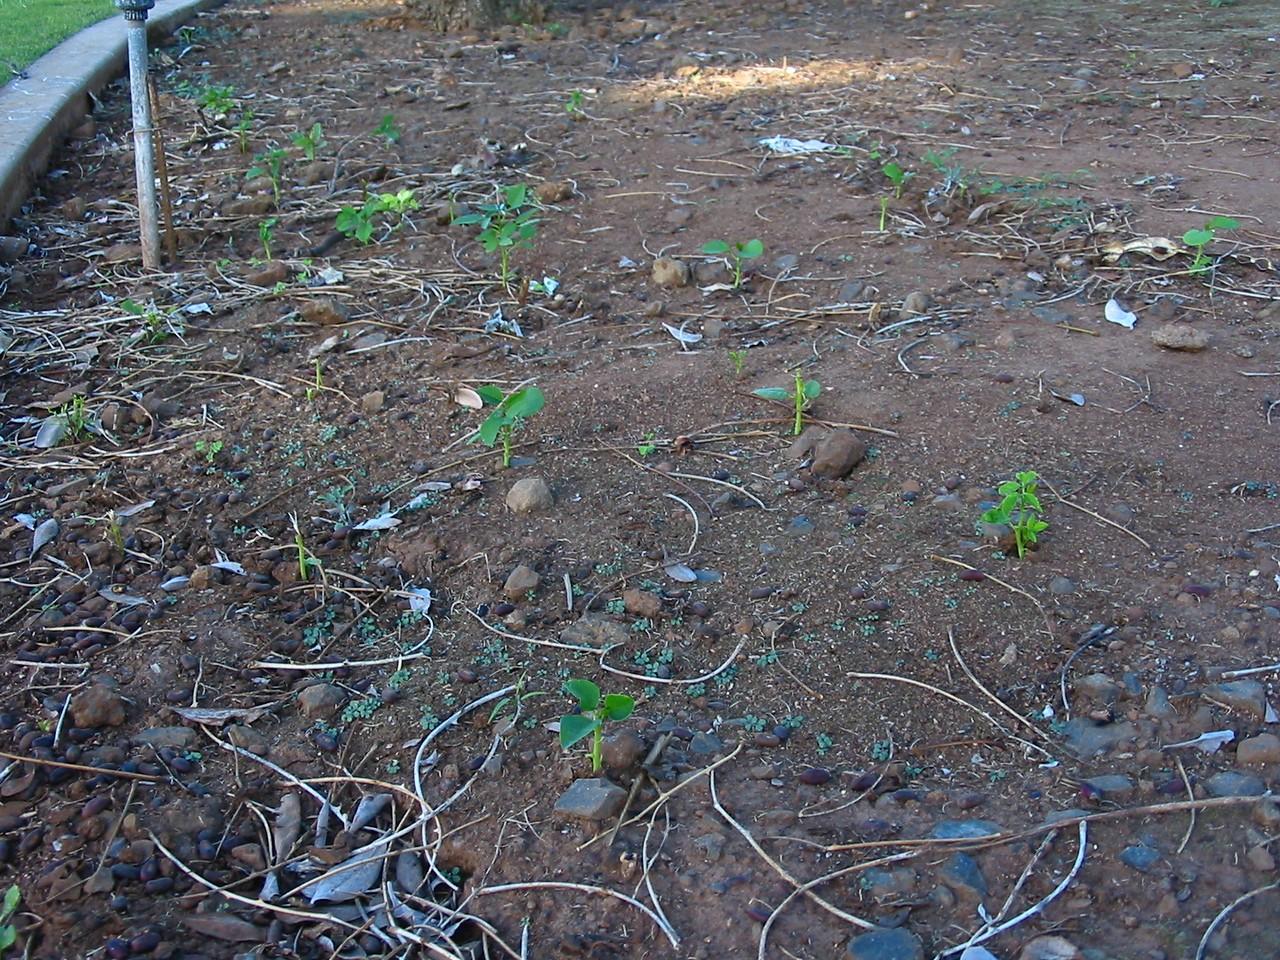 168696301_! erythrina crista-galli seedlings under cultivated trees kahului maui hawaii 20021027_154-5470_img